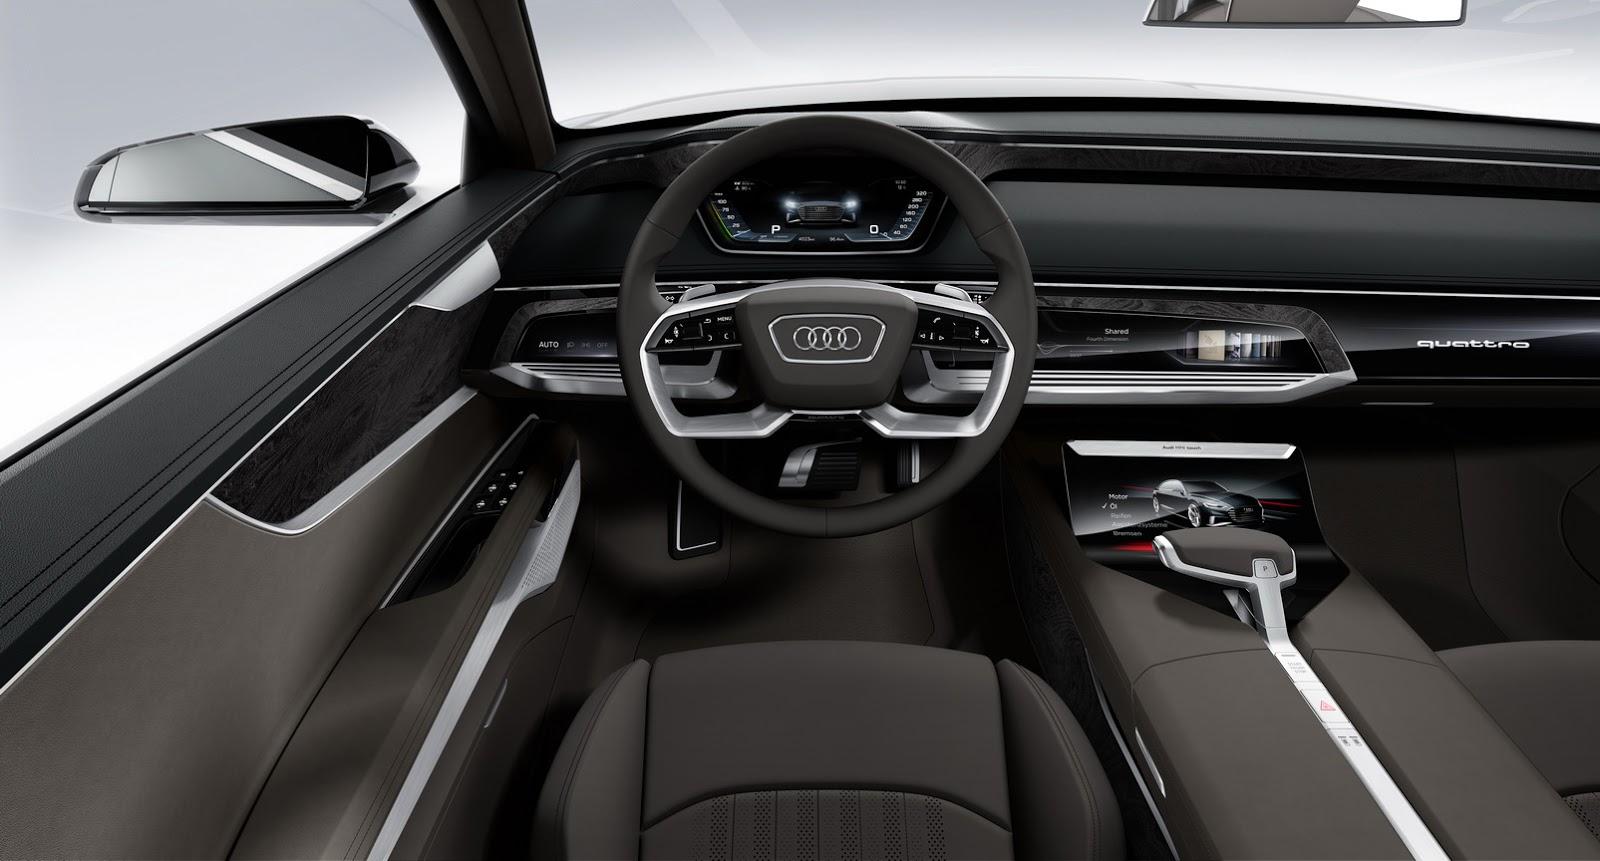 2018 Audi A8 Could Bring a New Interior Concept ...